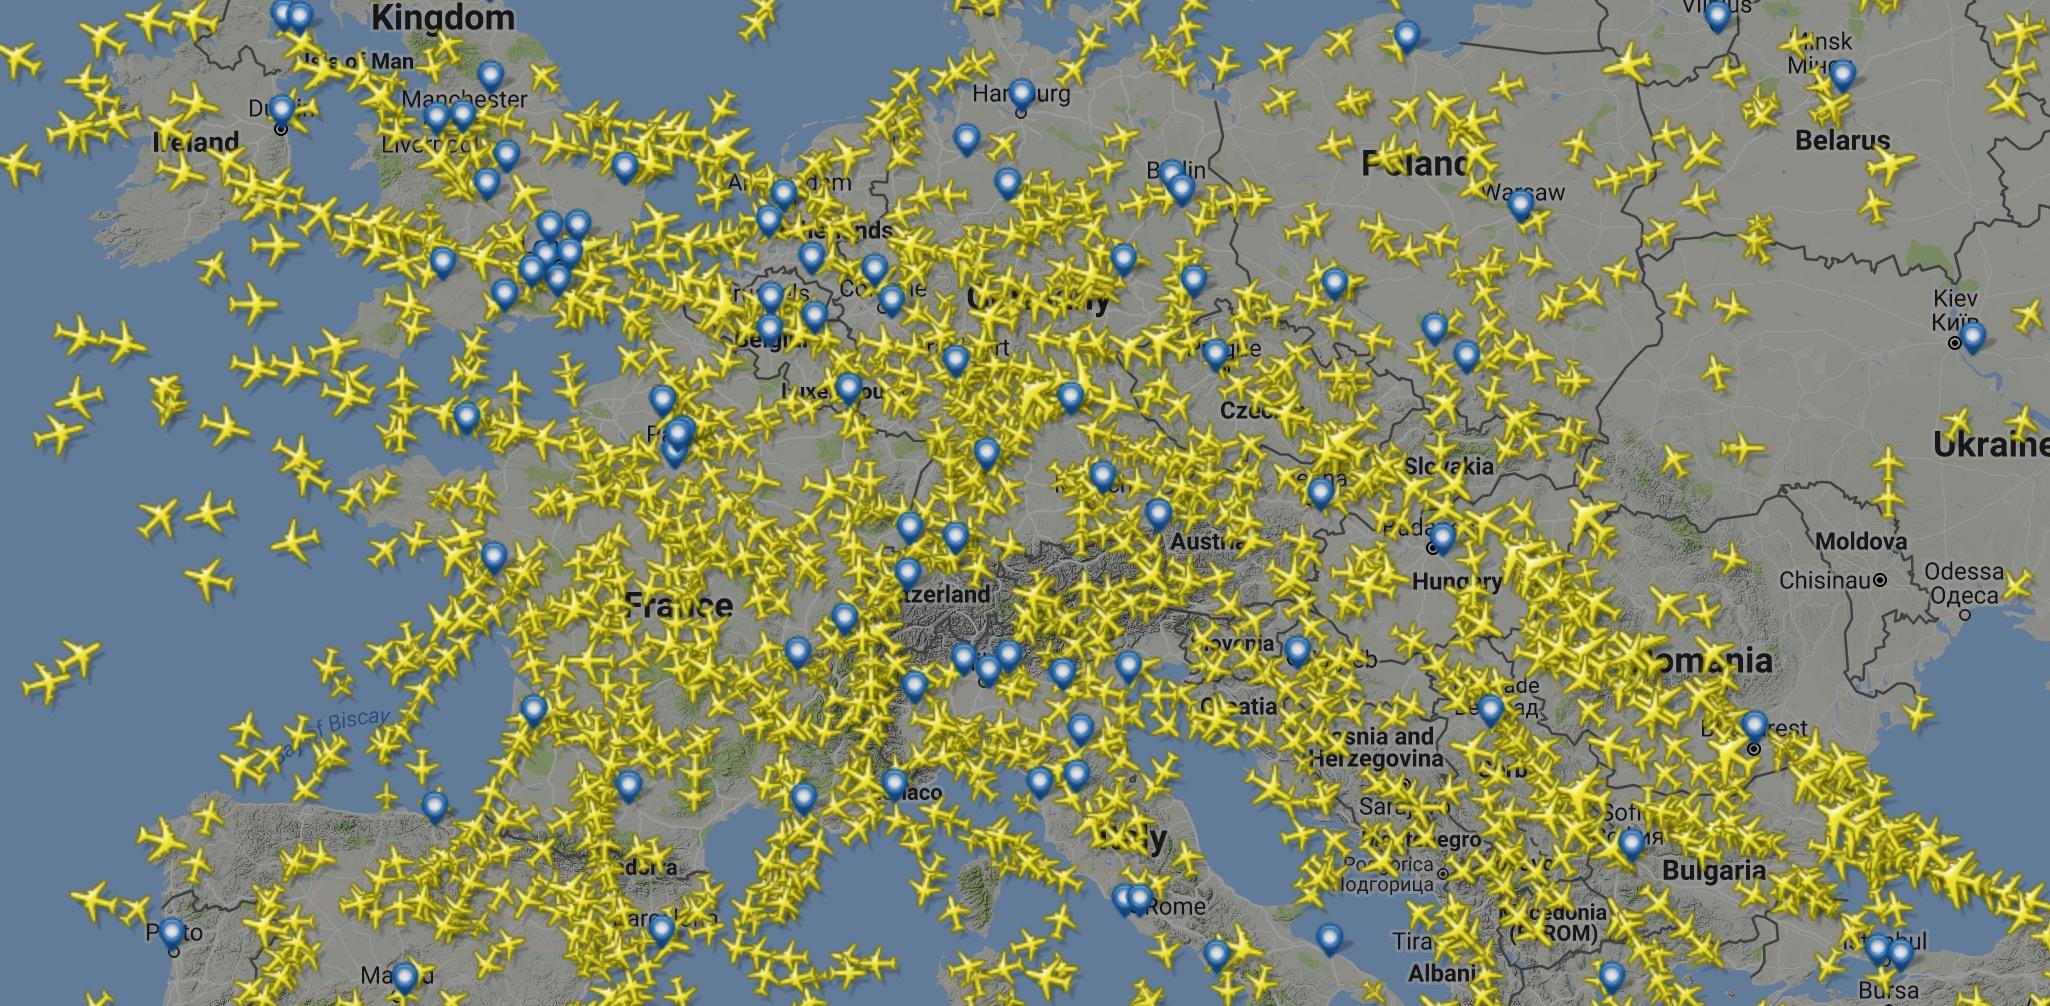 So sah der Himmel über Europa in der Zeit aus, in der dieser Artikel entstand.